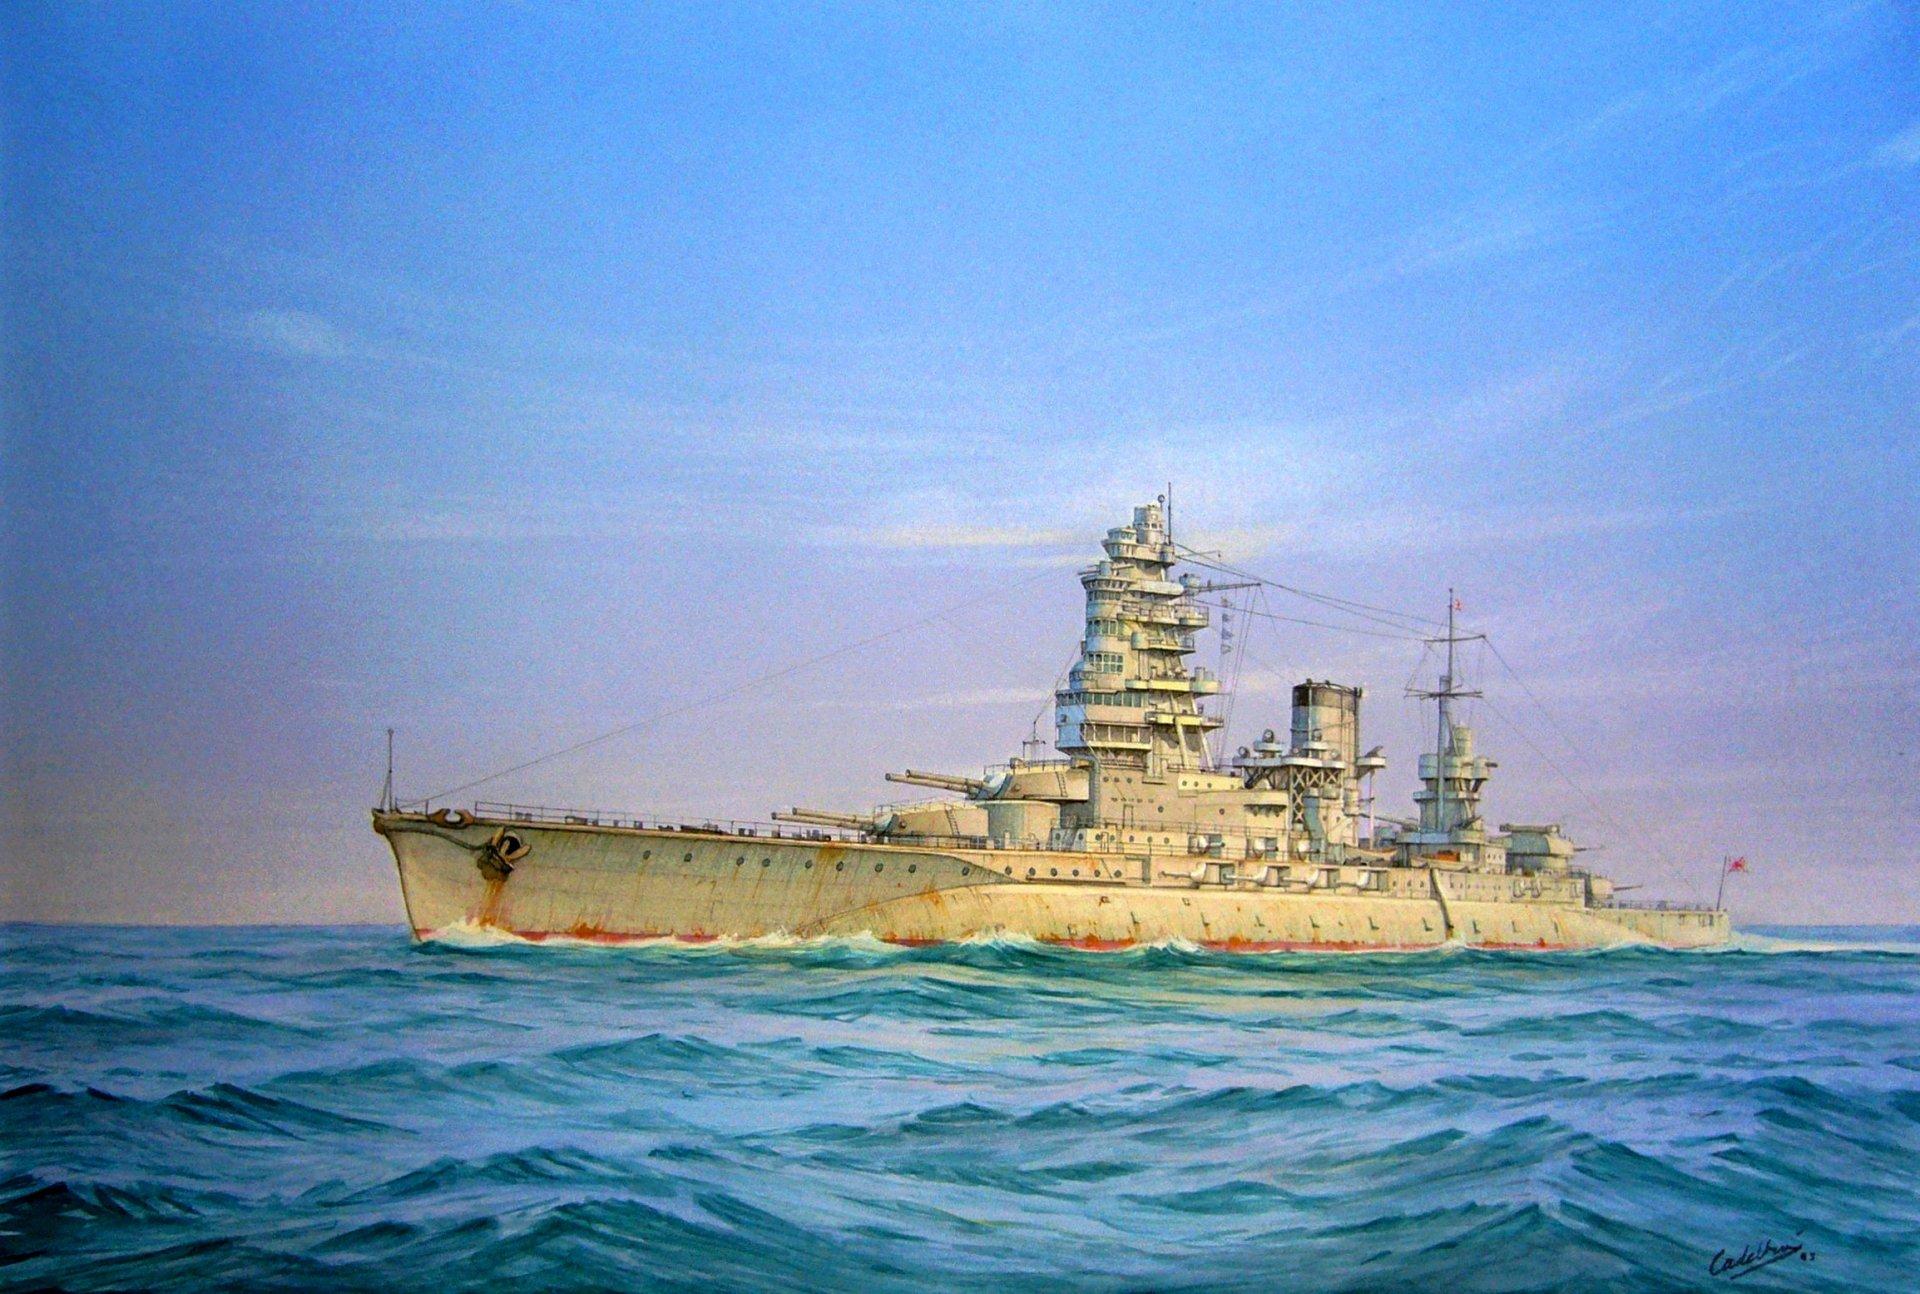 Фото и рисунки военных кораблей